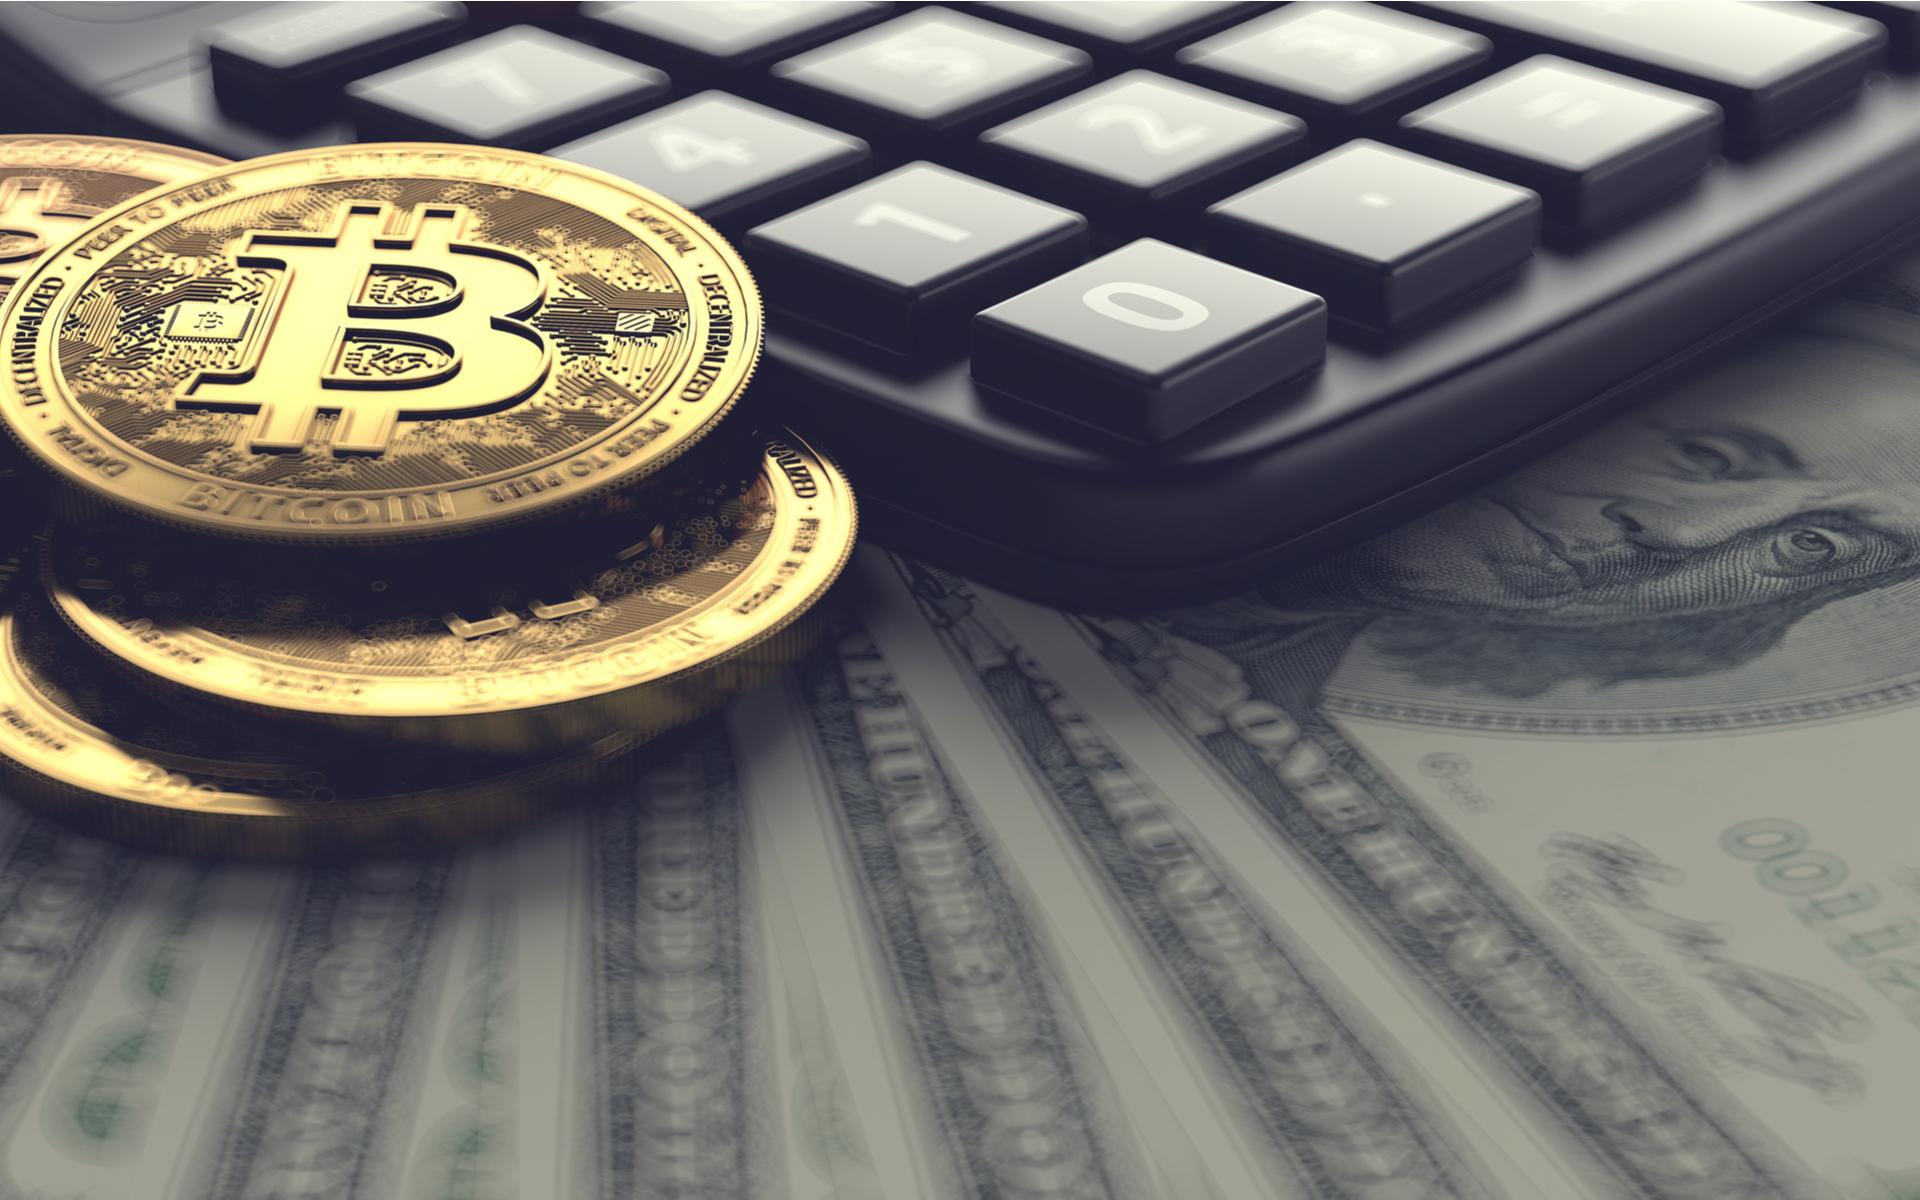 bitcoin transaction fees surging